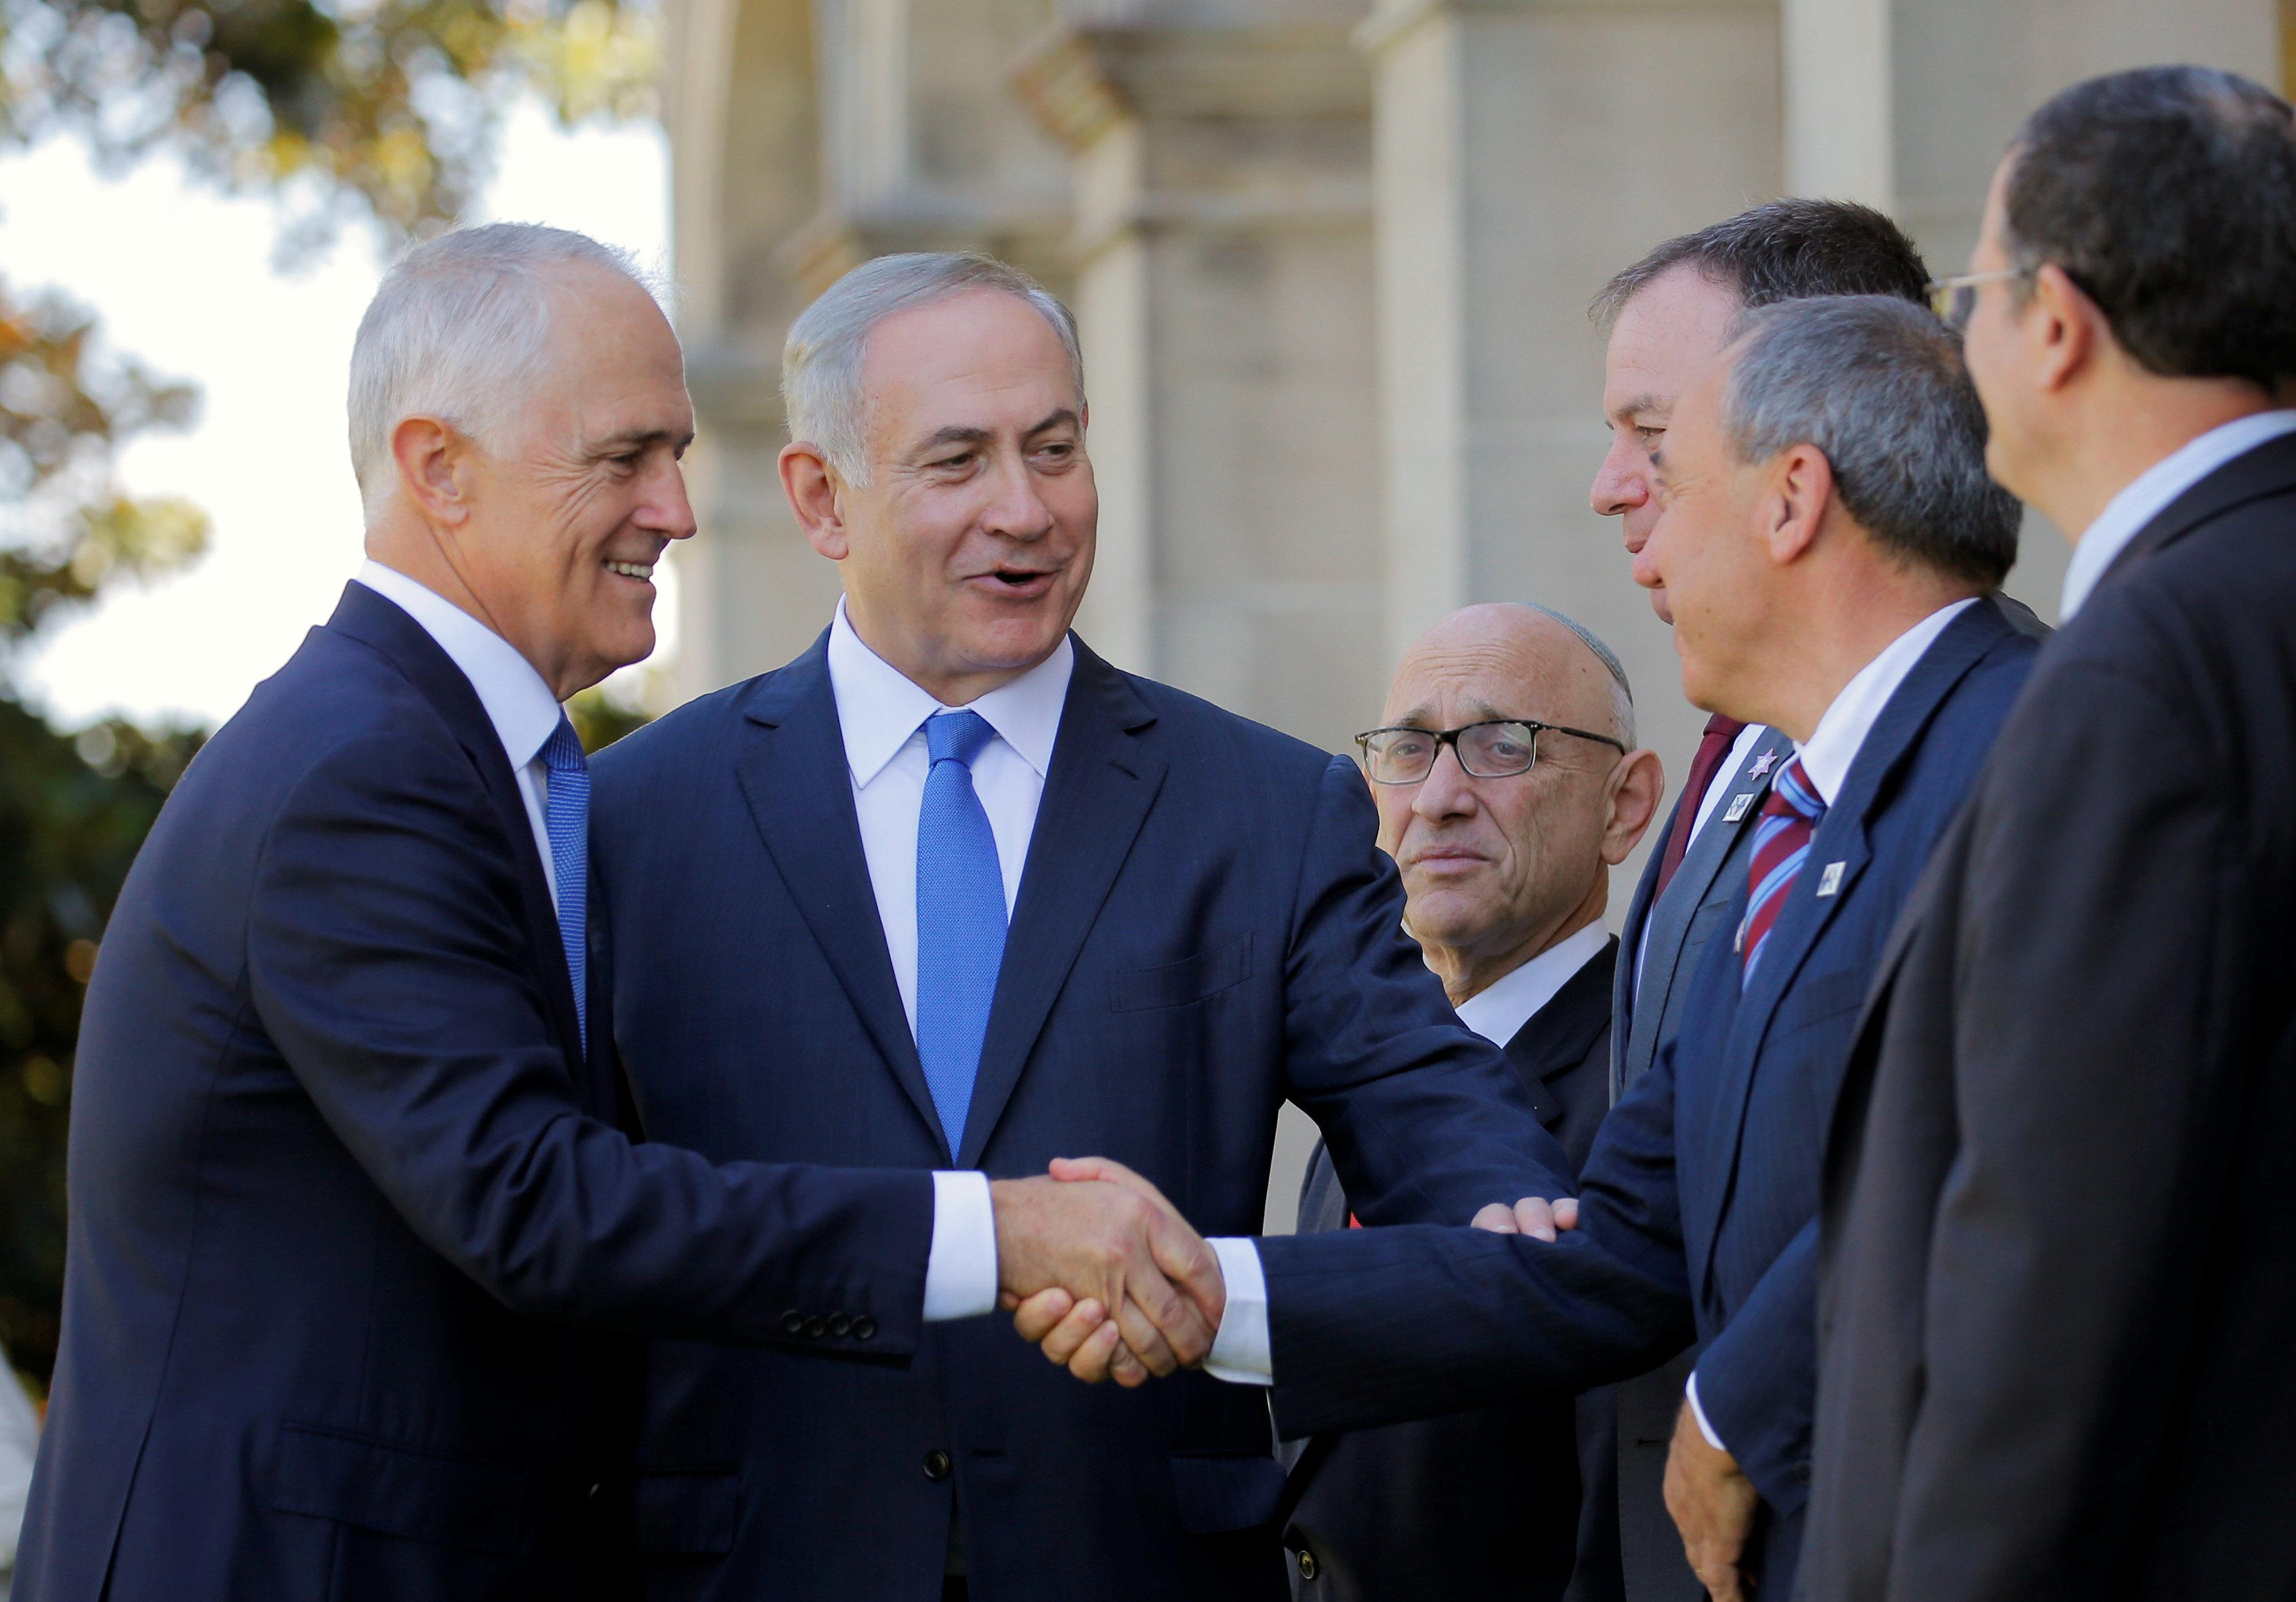 Israel and Australia leaders are allies